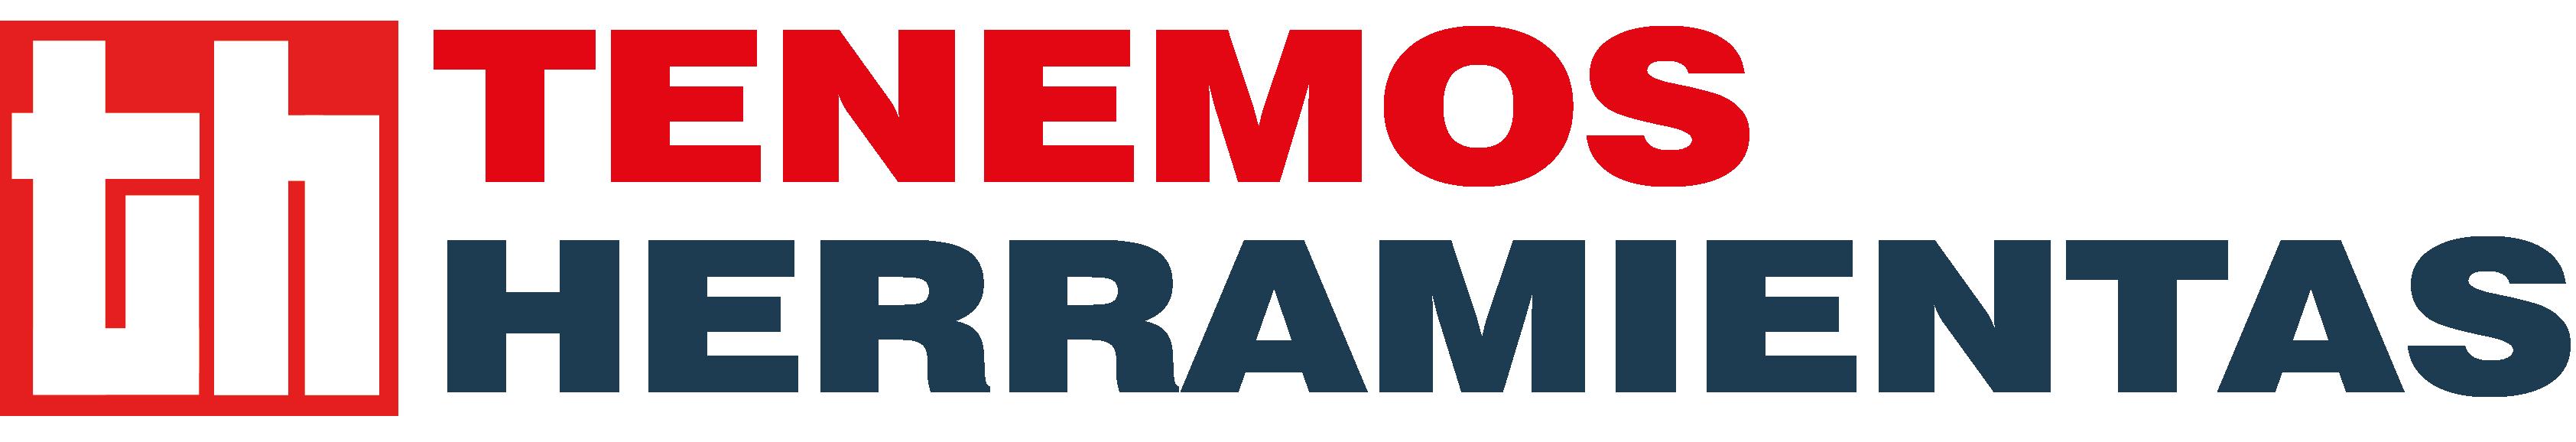 Tenemos-Herramientas.cl logo